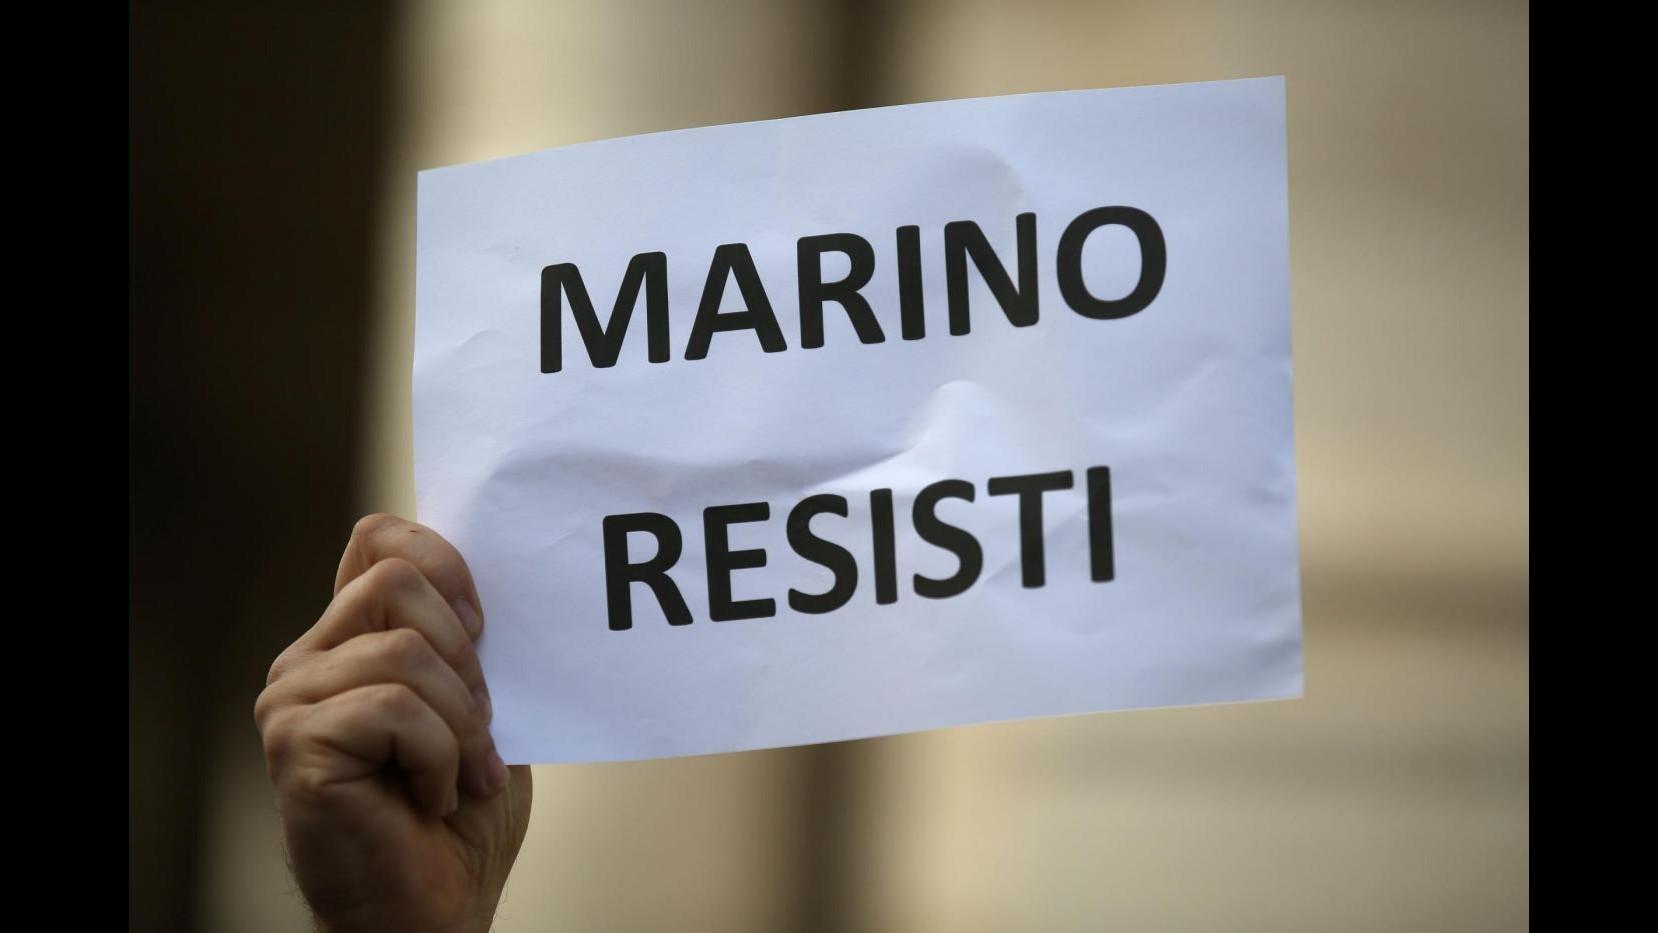 Roma, tempi lunghi per la mozione di sfiducia: ipotesi dimissioni di massa